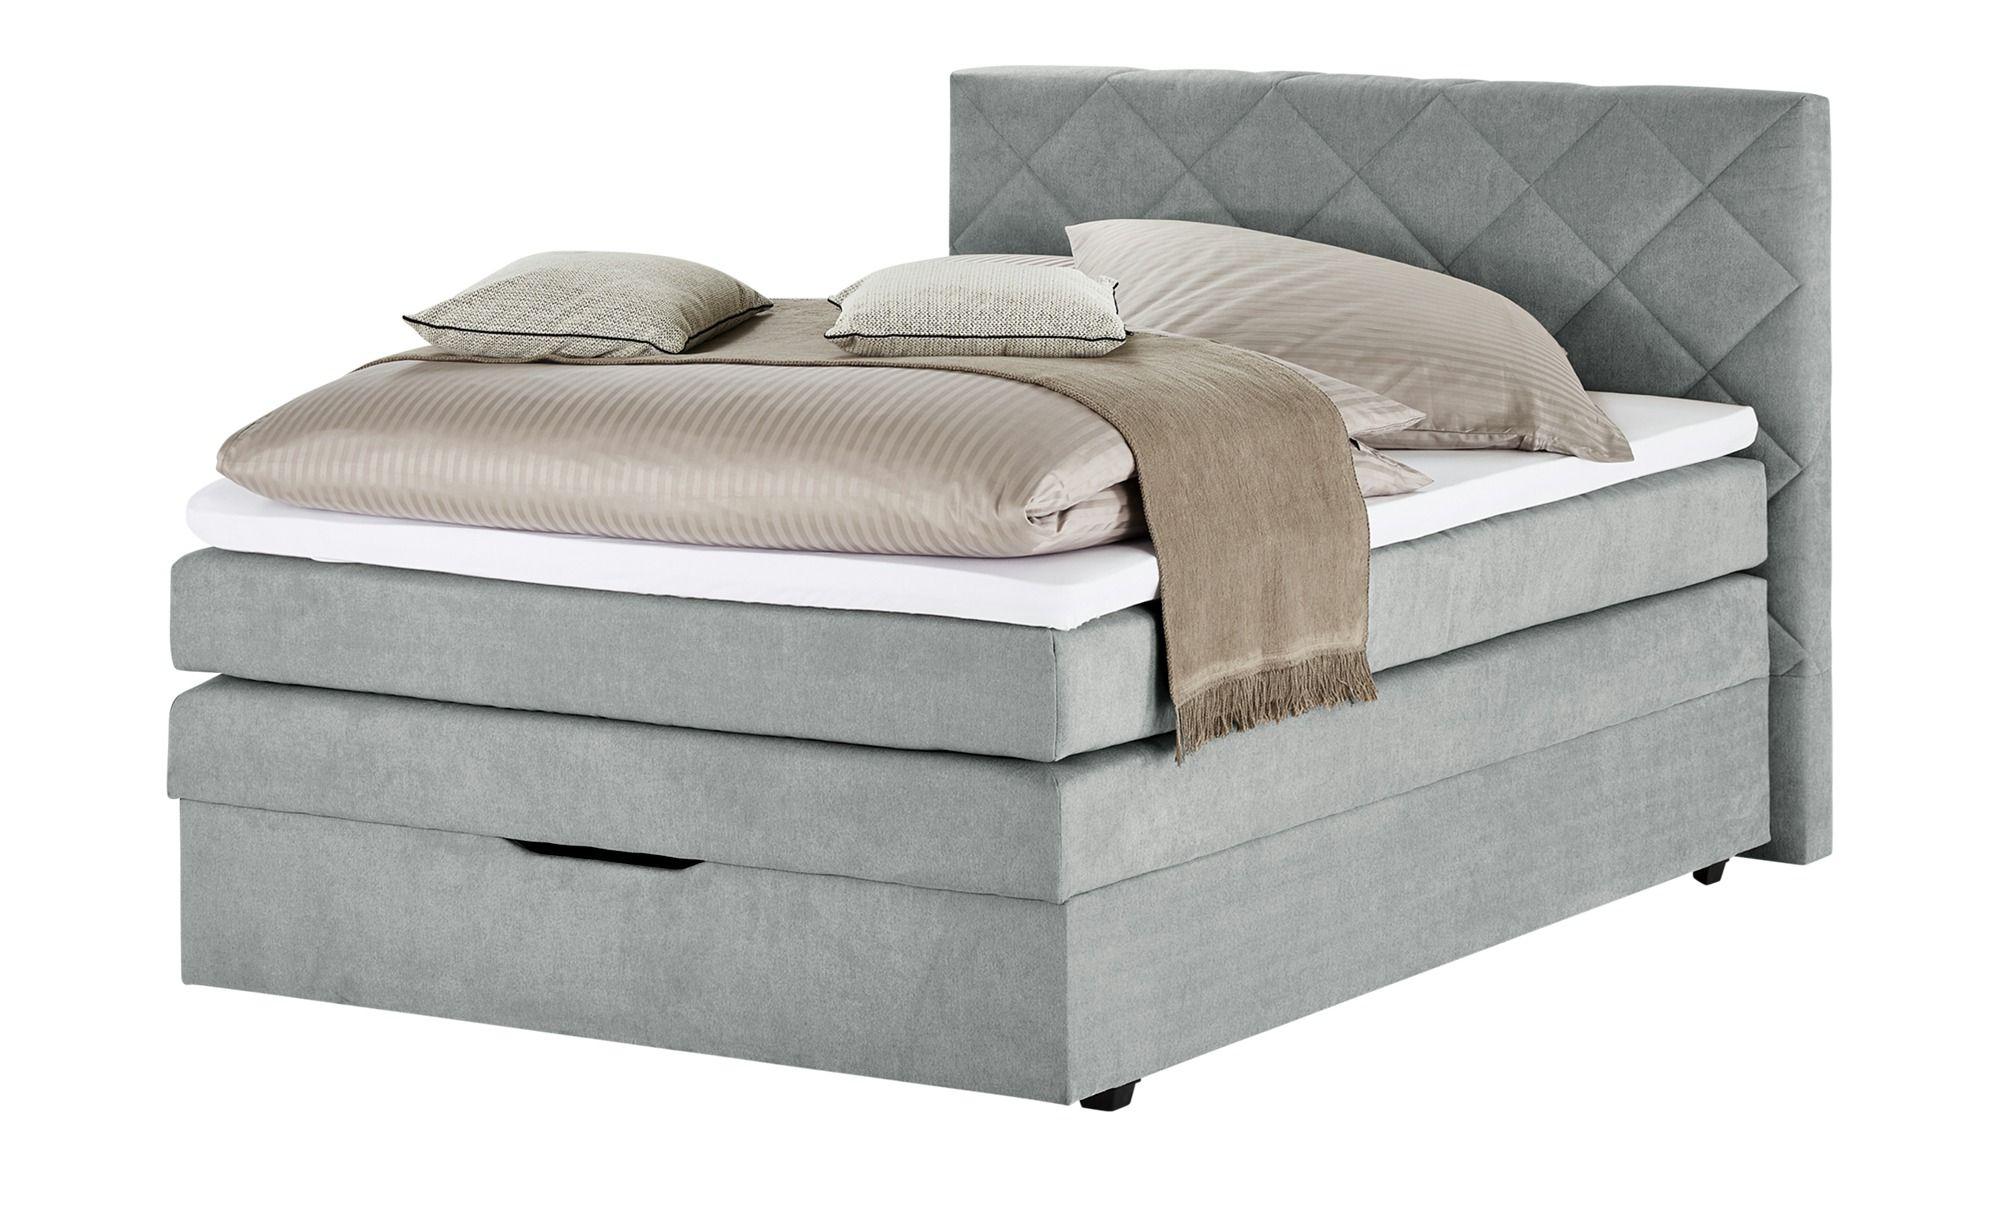 Boxspringbett Princess Boxspringbett Bett Und Grosses Bett